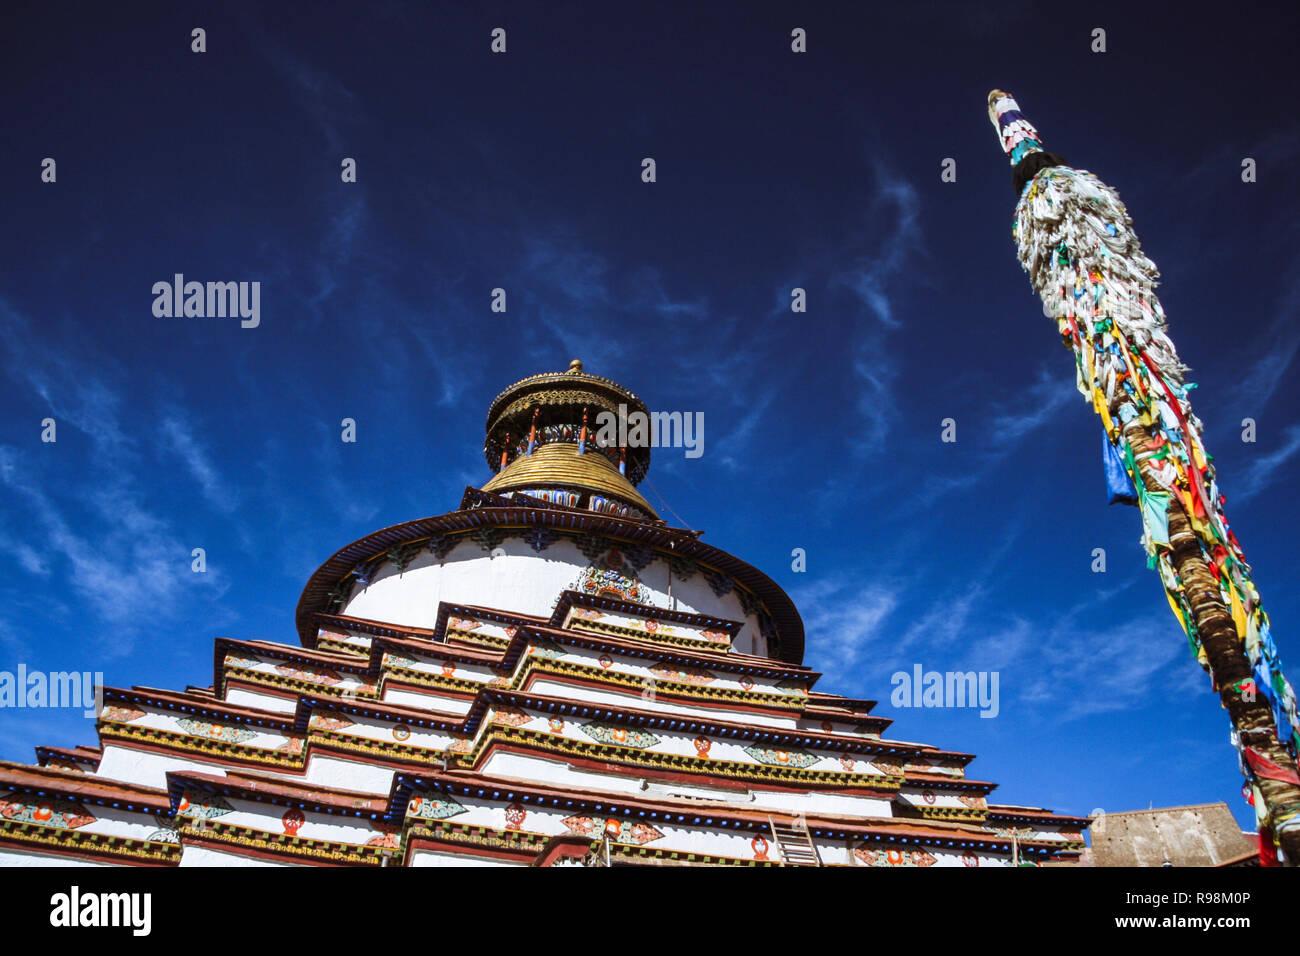 Gyantse, Shigatse Prefecture, Tibet Autonomous Region, China : Gyantse, Shigatse Prefecture, Tibet Autonomous Region, China : Darchog prayer flags by  - Stock Image